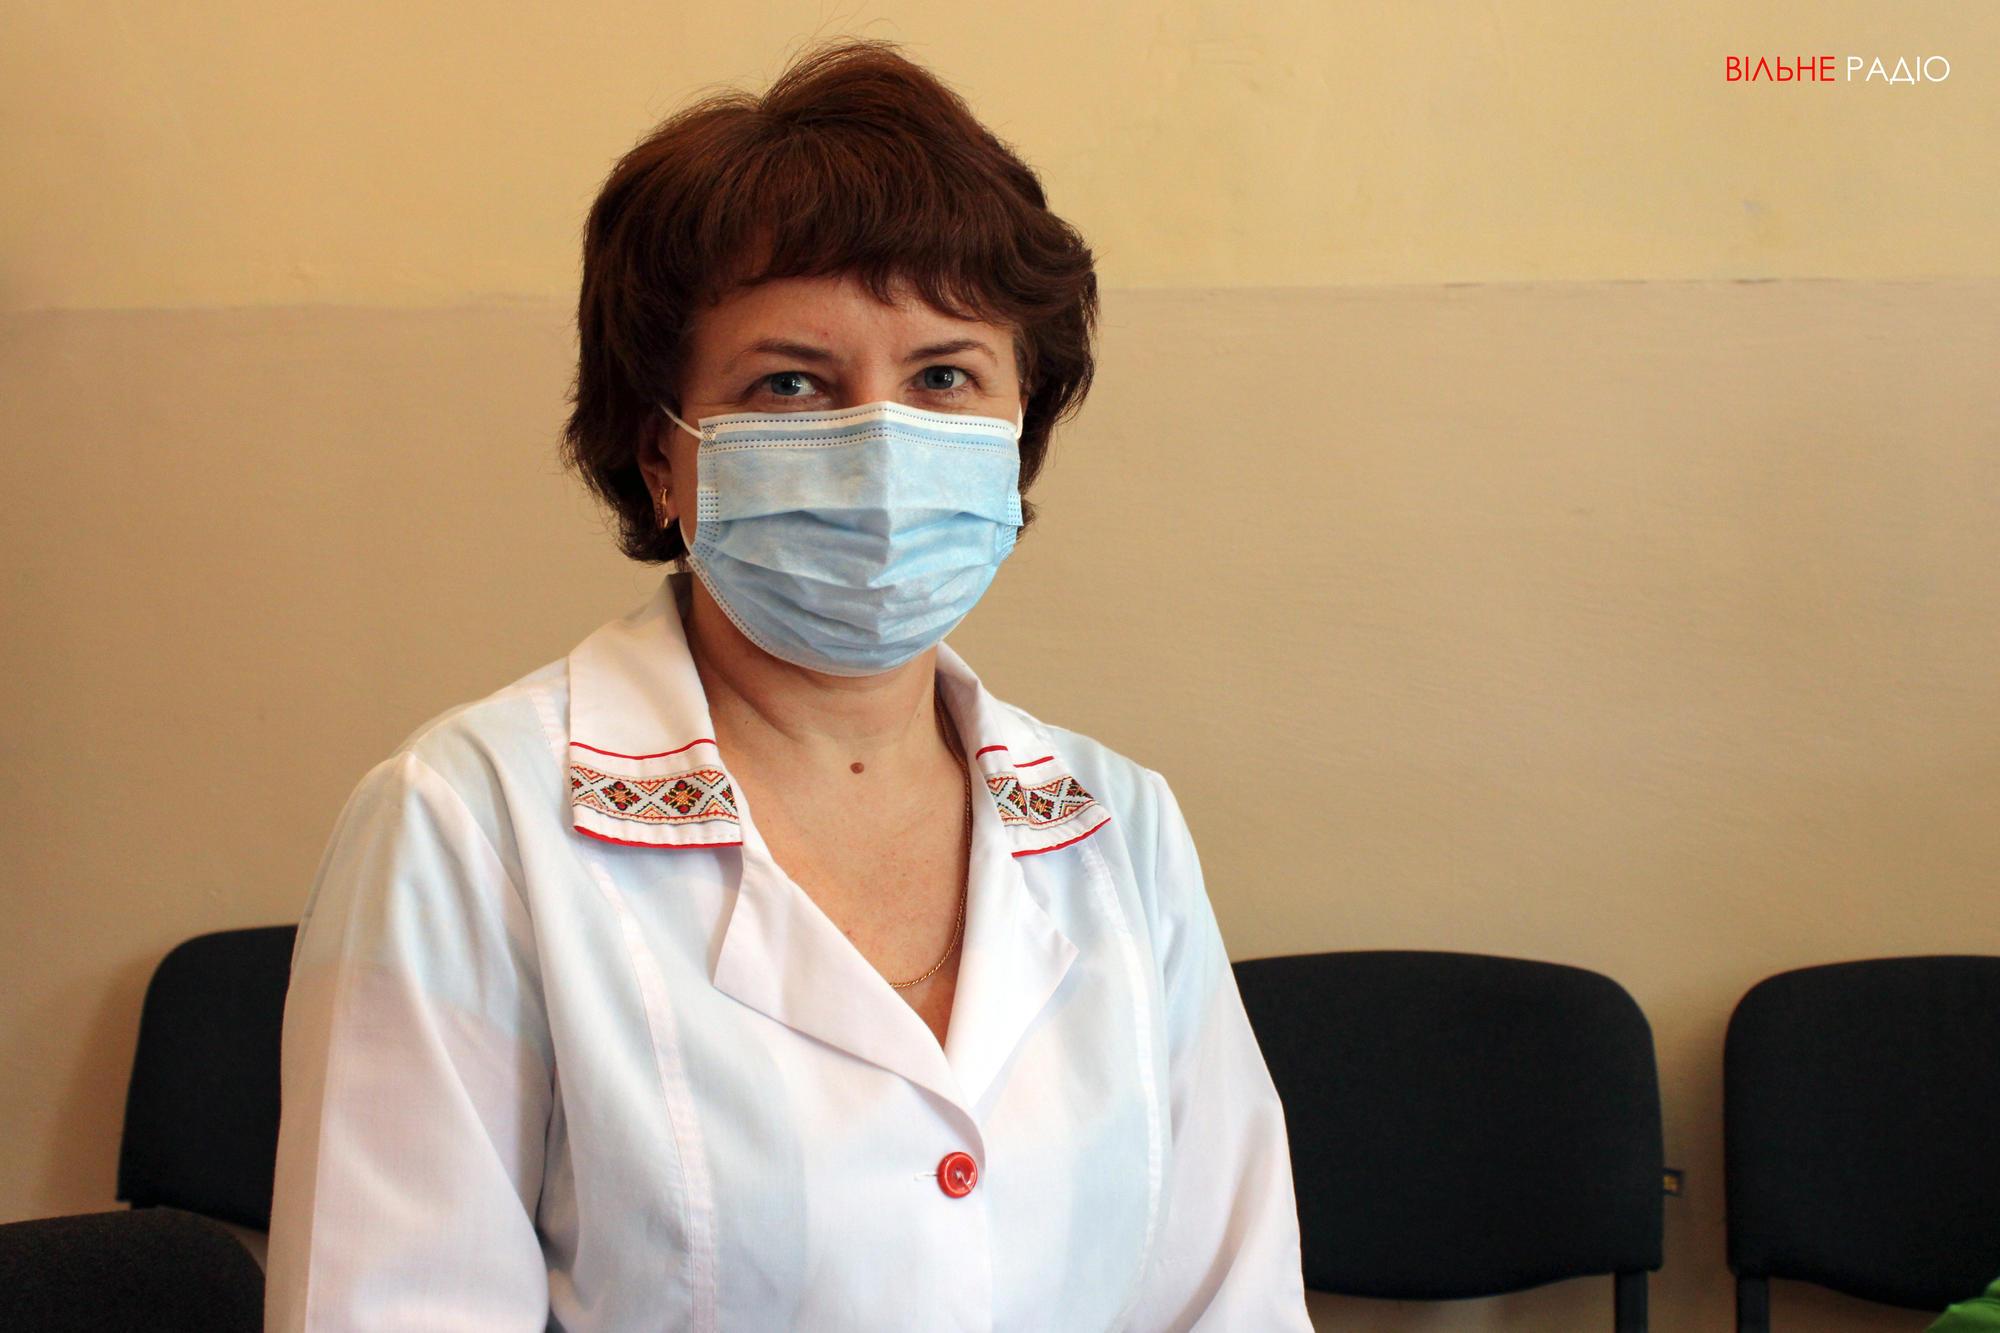 Завідувачка неврологічного відділення Бахмутської багатопрофільної лікарні інтенсивного лікування Ганна Шаповаленко